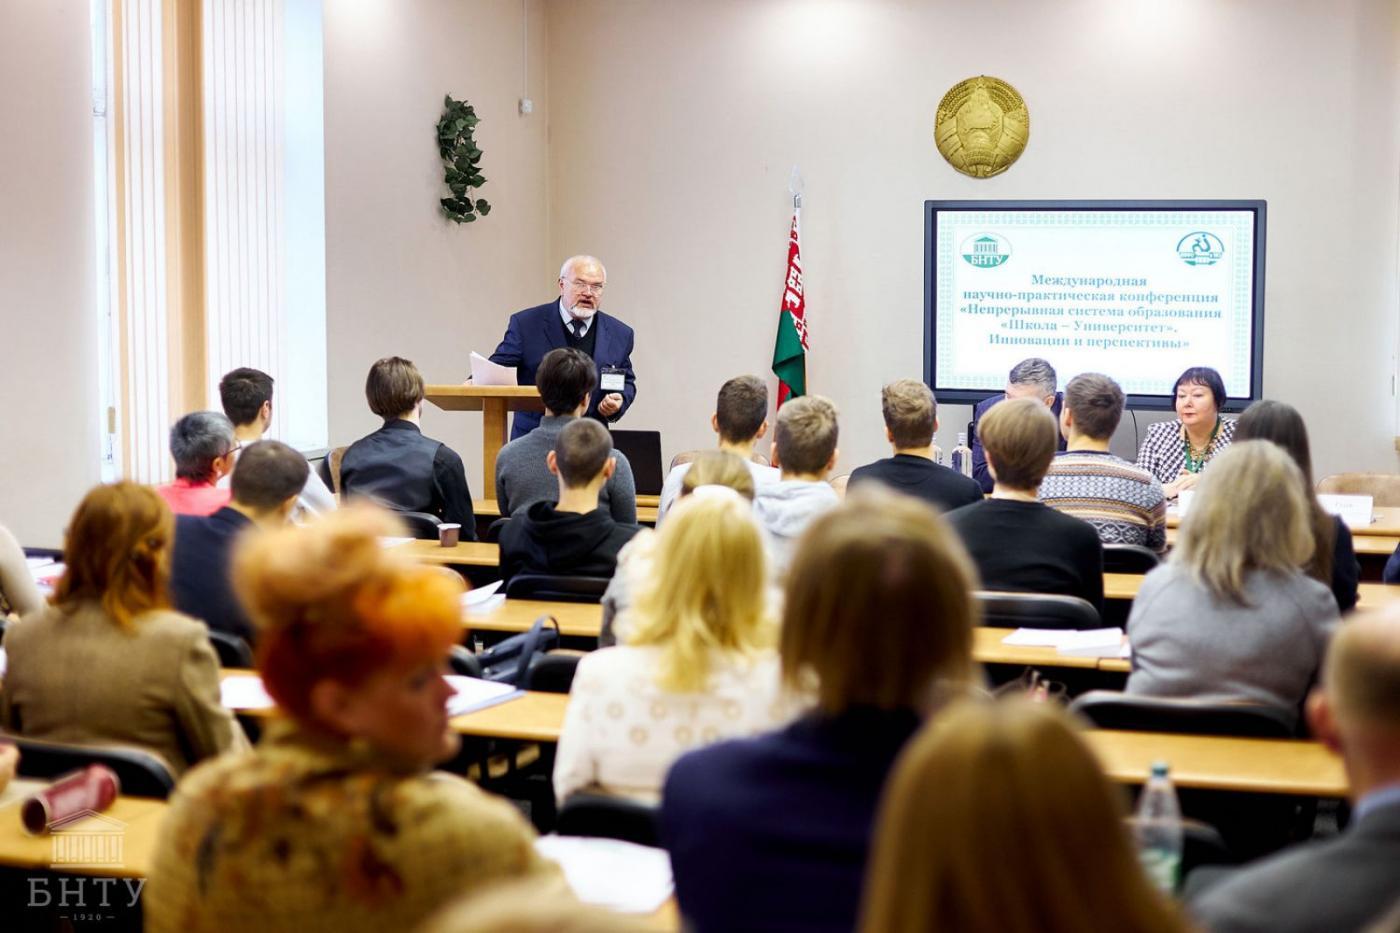 Открытие III Международной научно-практической конференции «Непрерывная система образования «Школа – Университет». Инновации и перспективы»